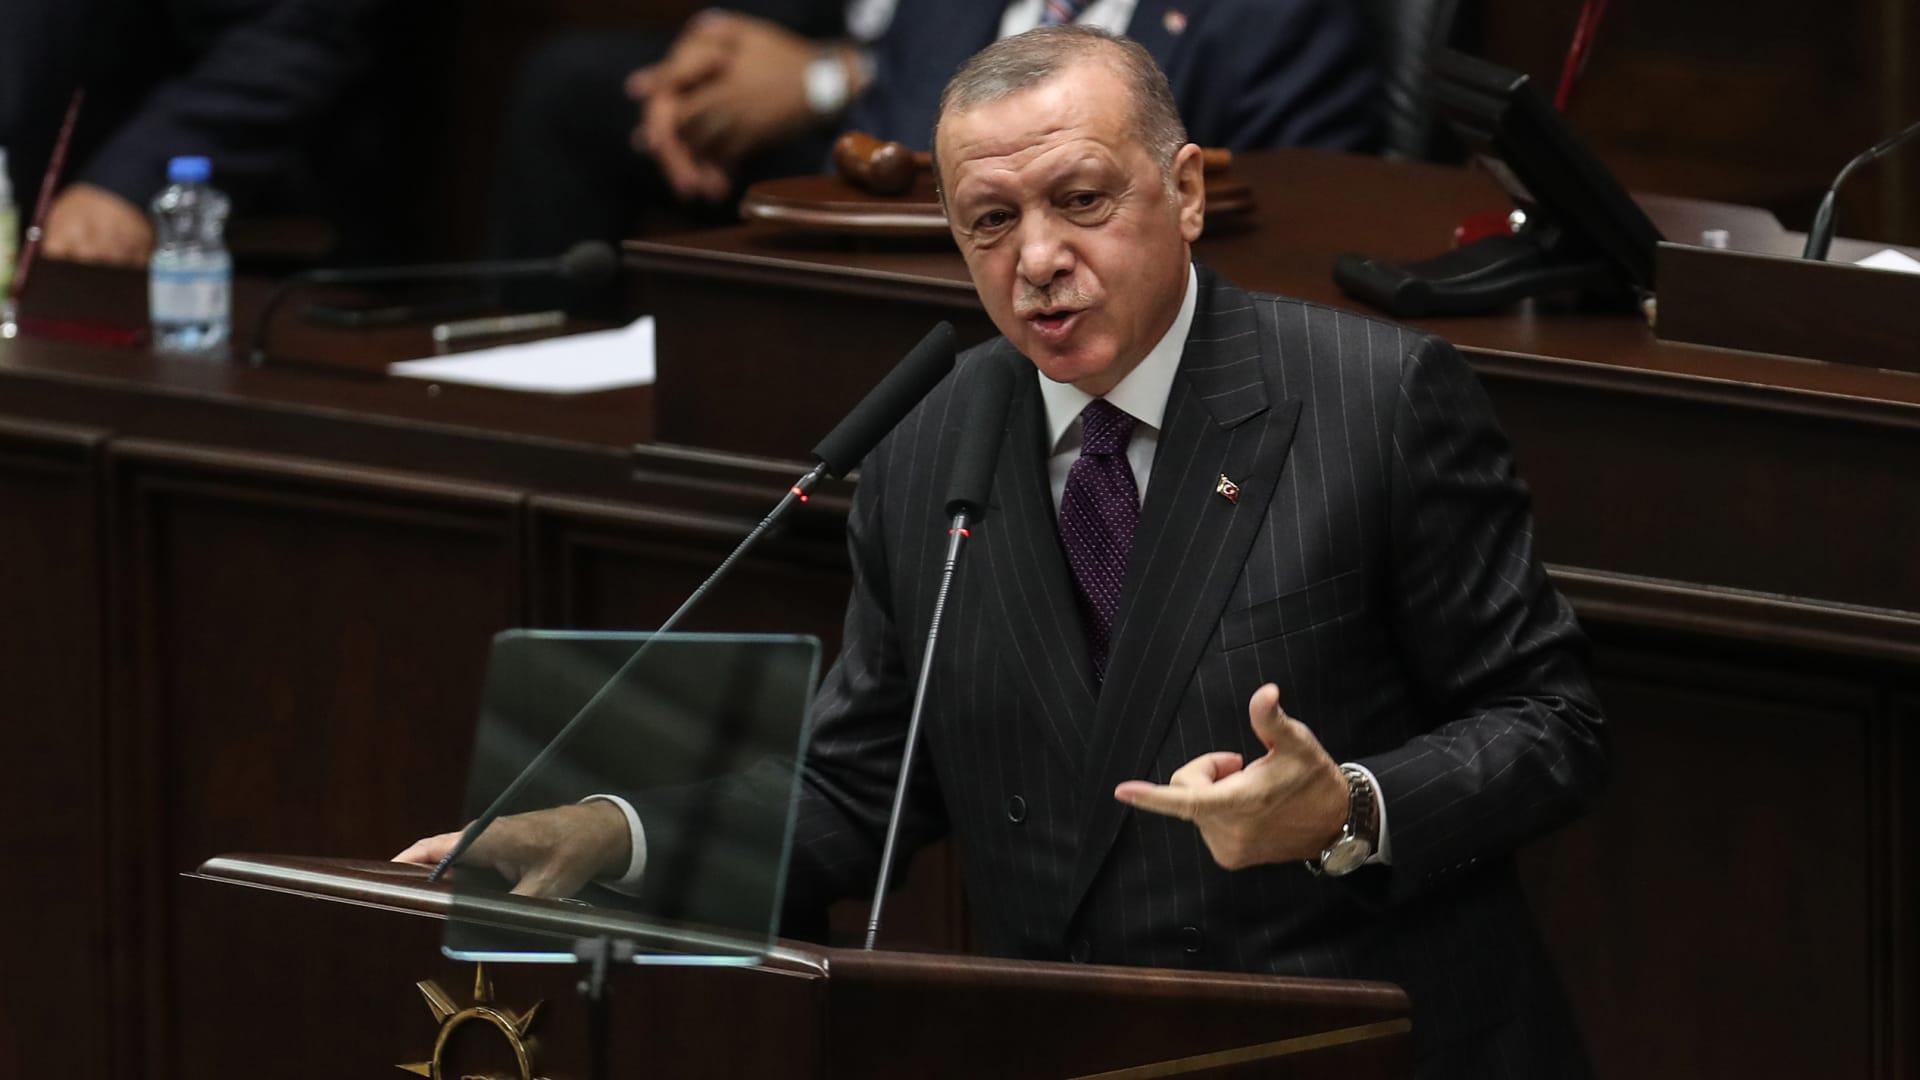 أردوغان يعتزم الإعلان عن كميات الغاز المكتشفة بالبحر الأسود